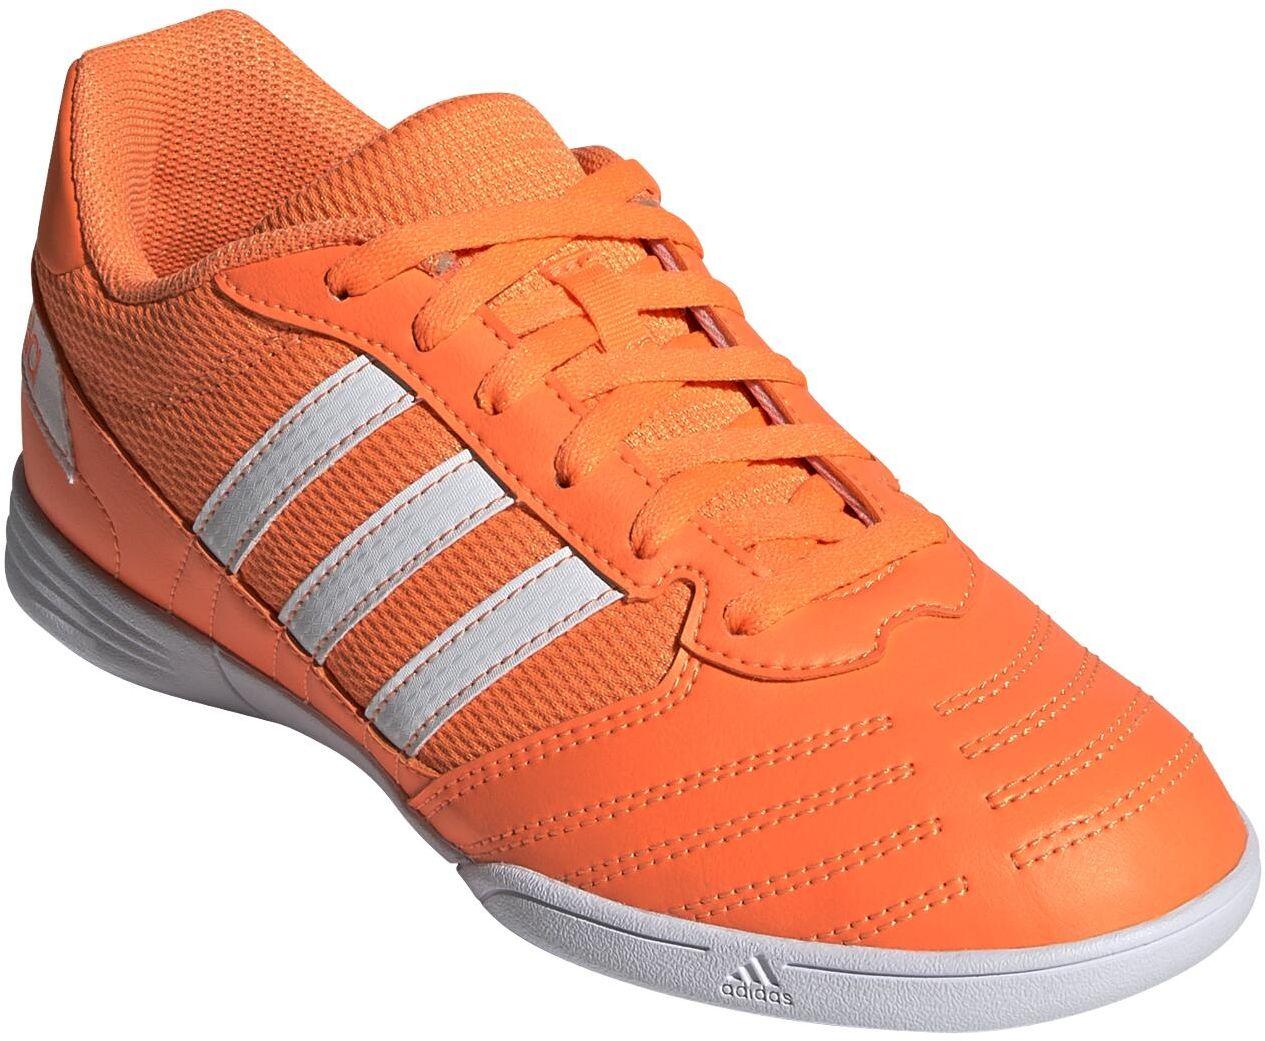 Buty halowe do piłki nożnej dla dzieci Adidas Super Sala